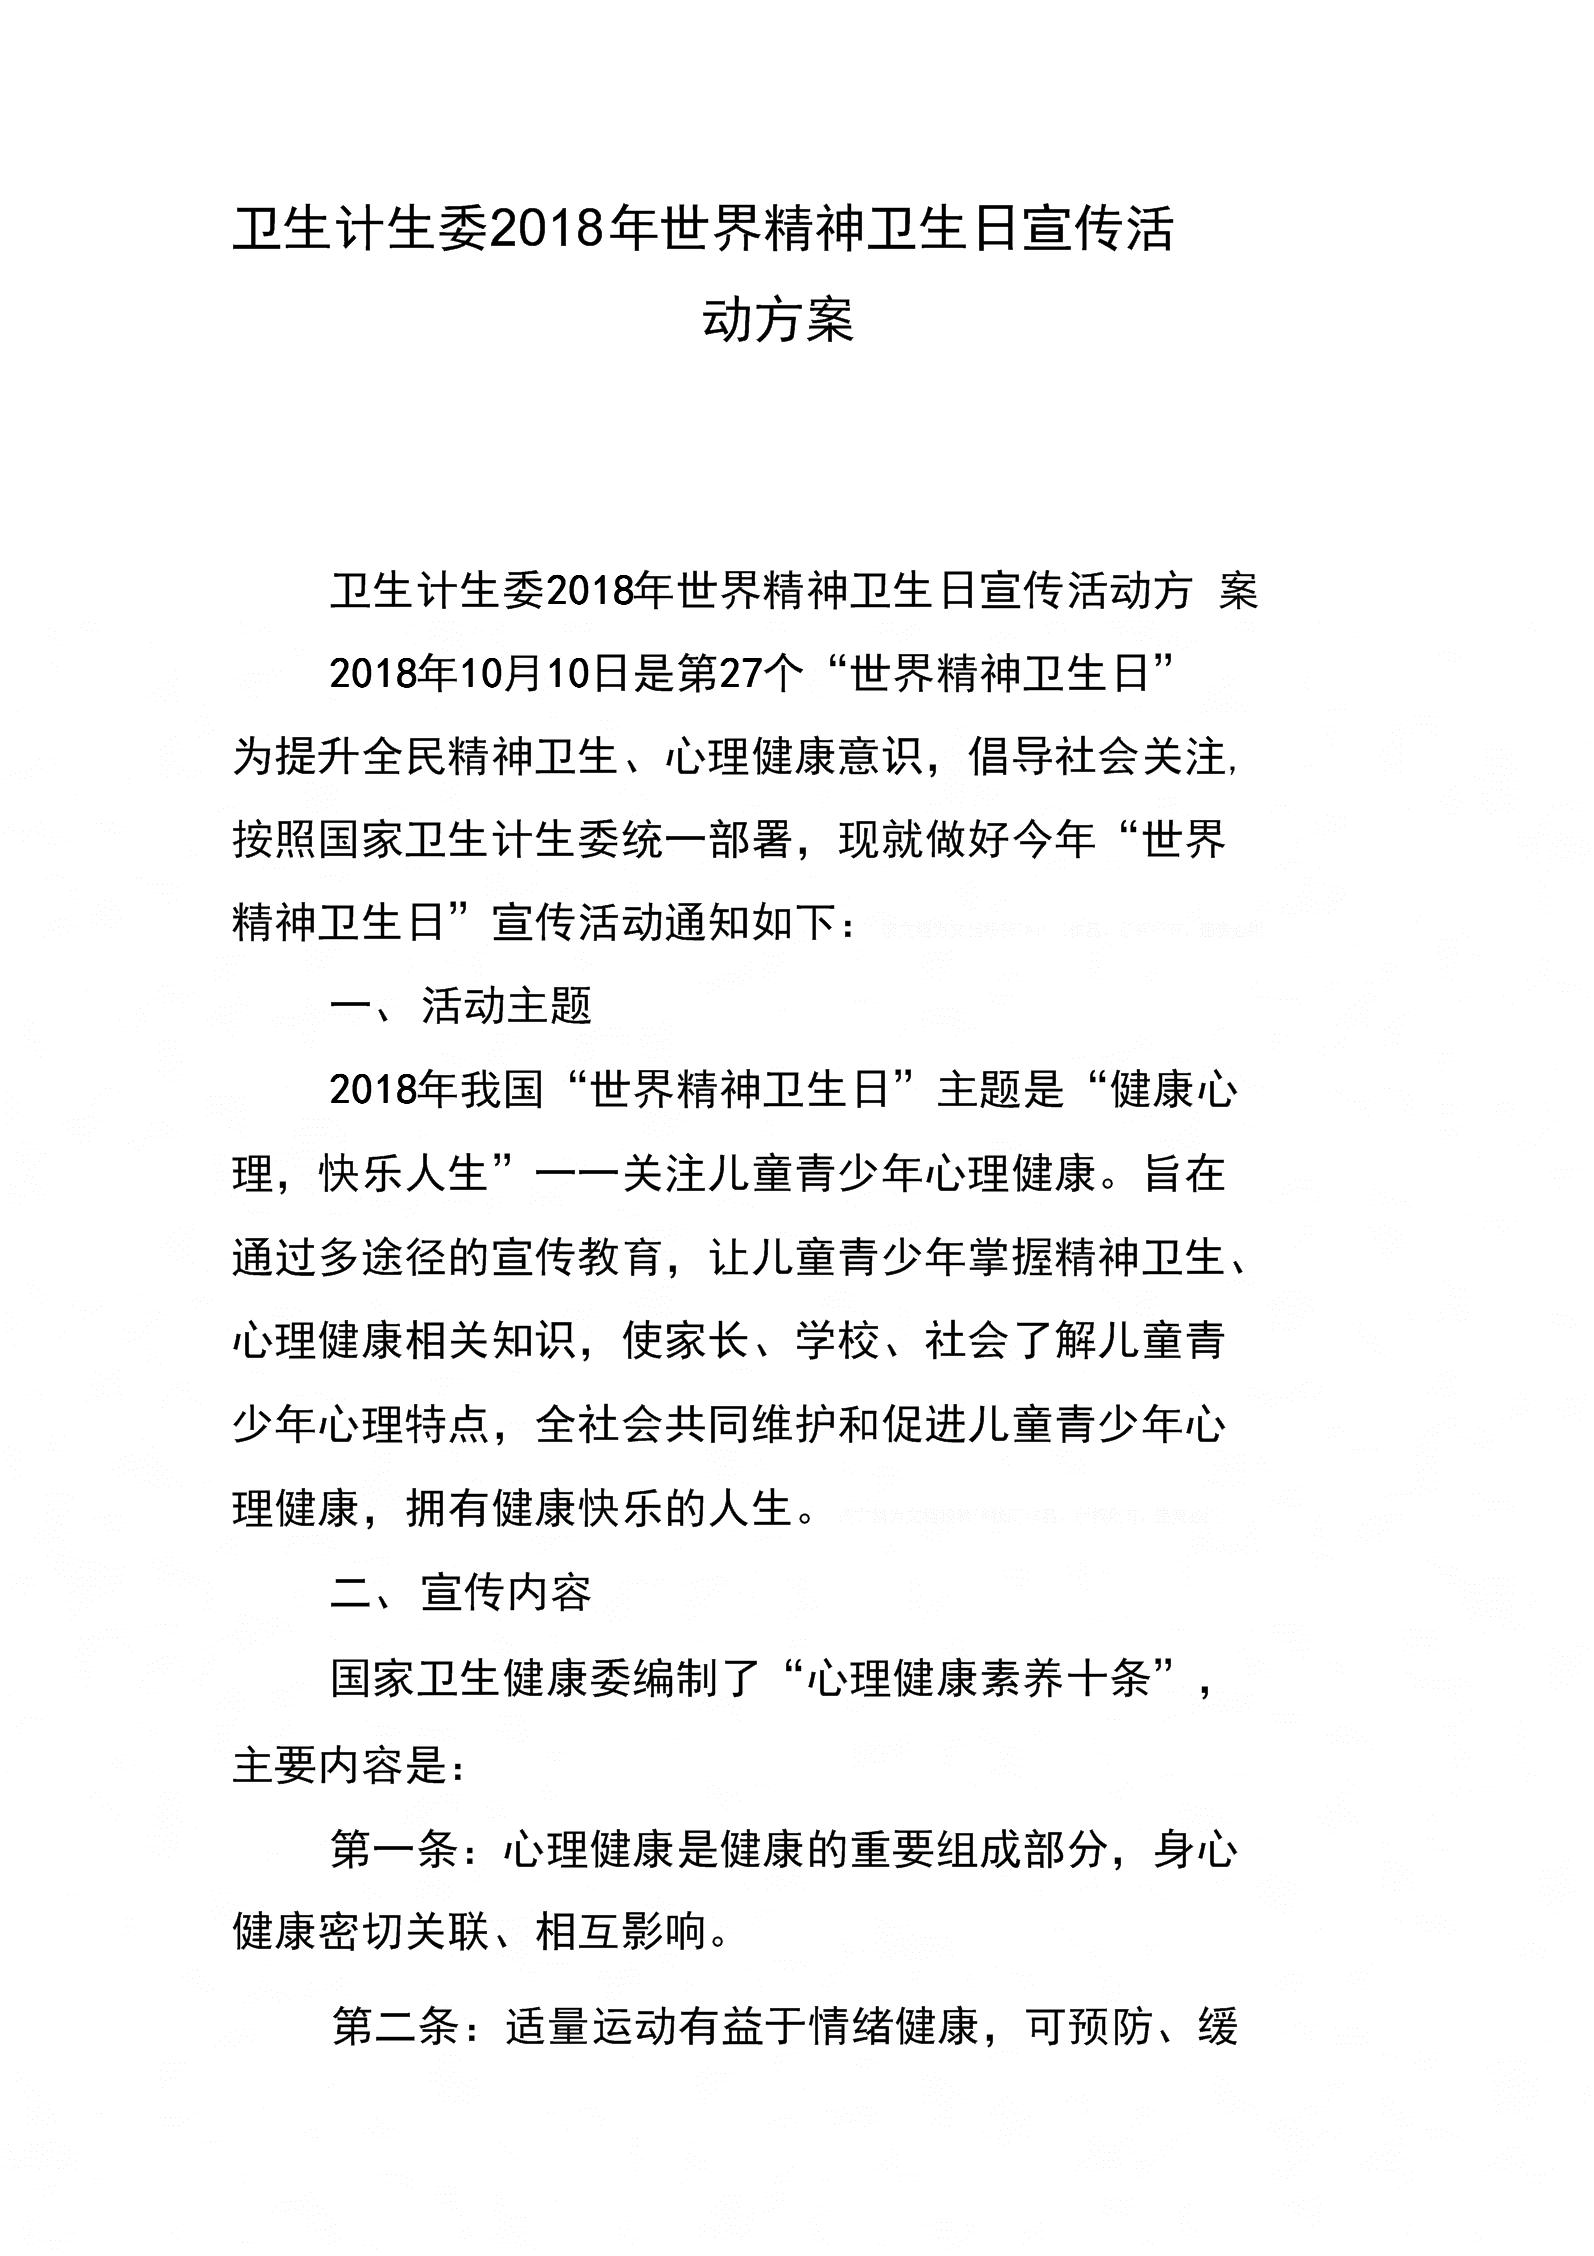 卫生计生委世界精神卫生日宣传活动方案.docx